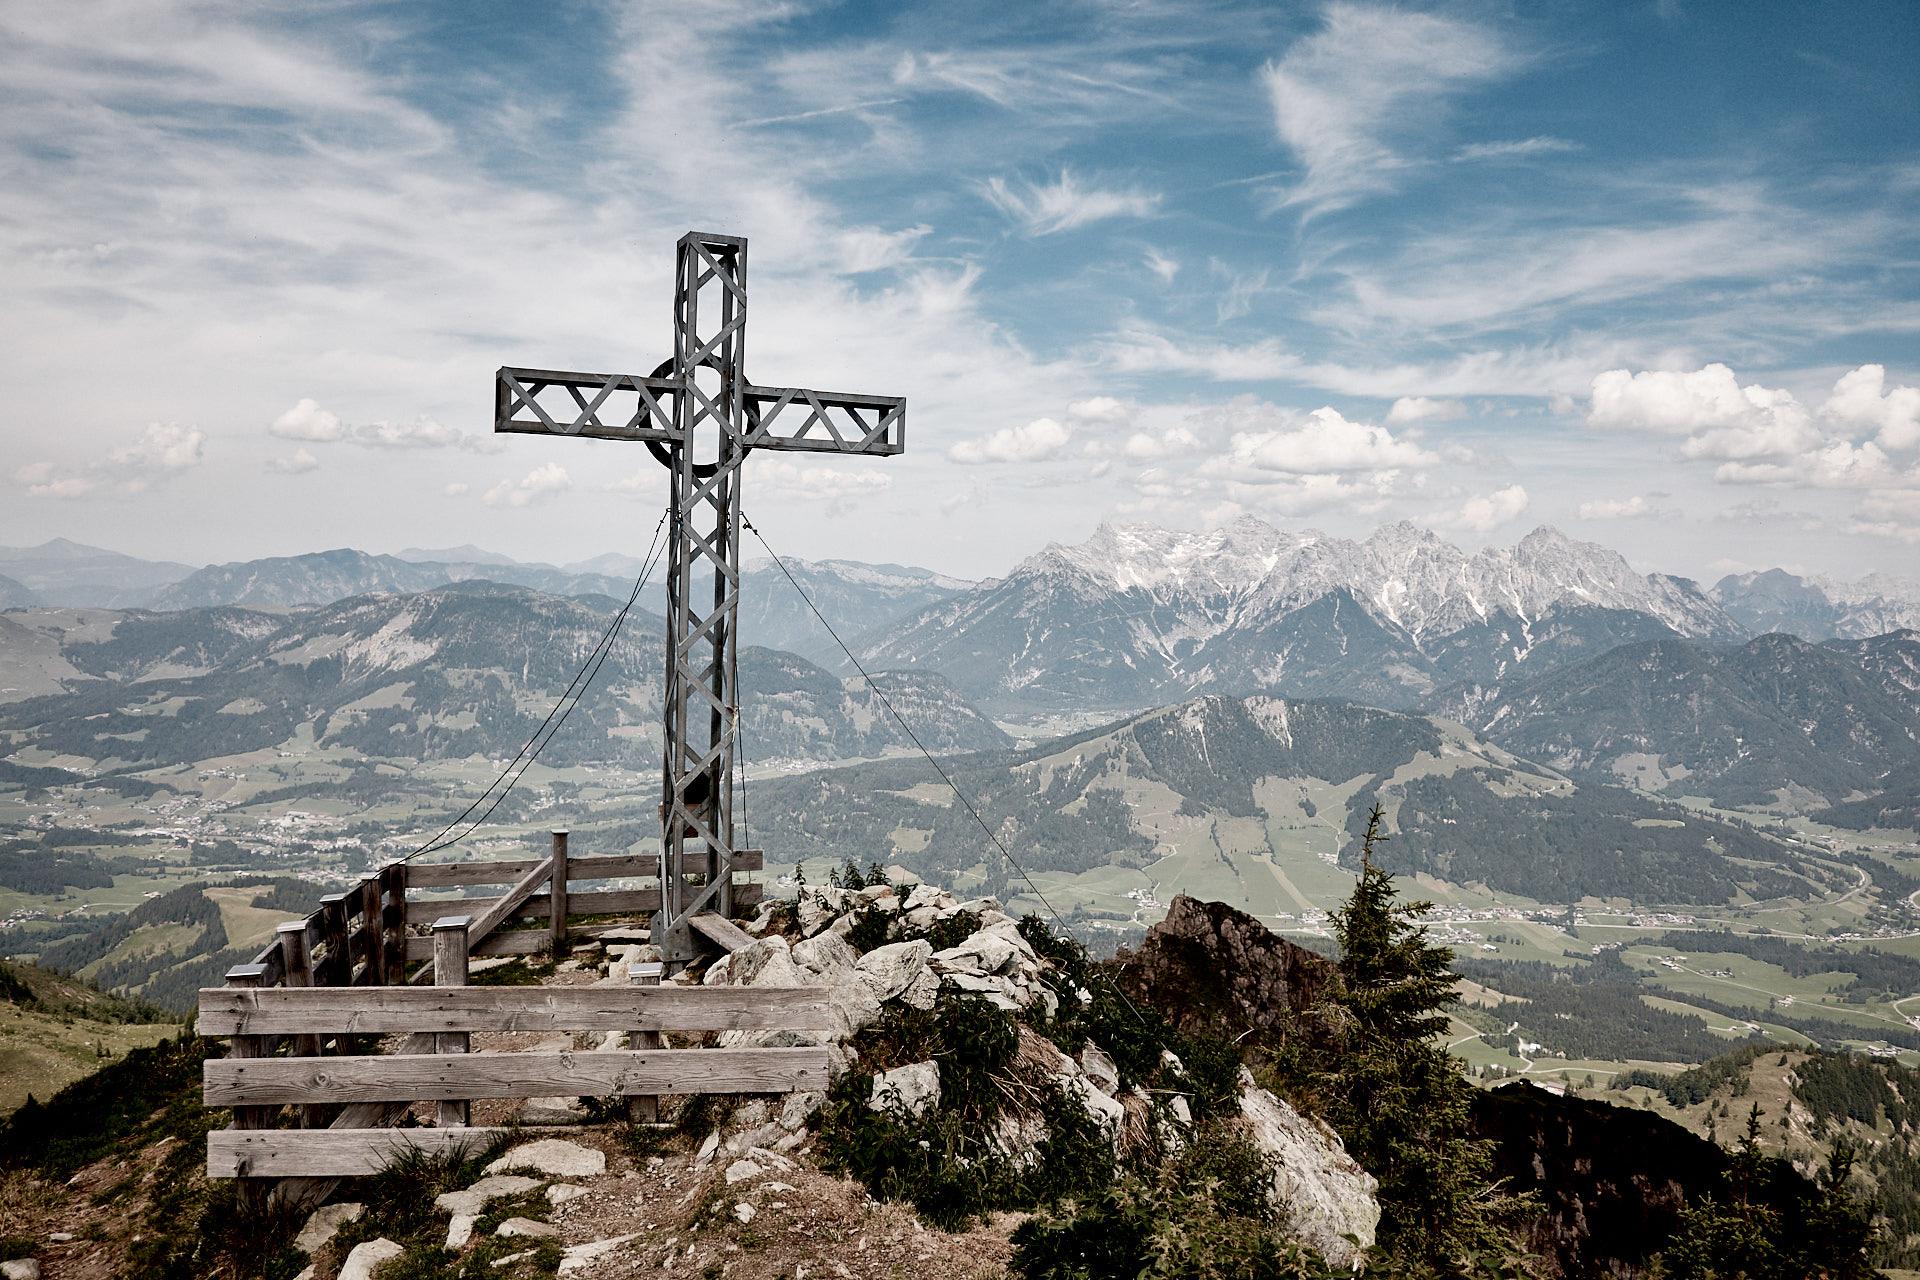 Gipfelkreuz Henne, Fieberbrunn, Österreich, Alpen, Tirol